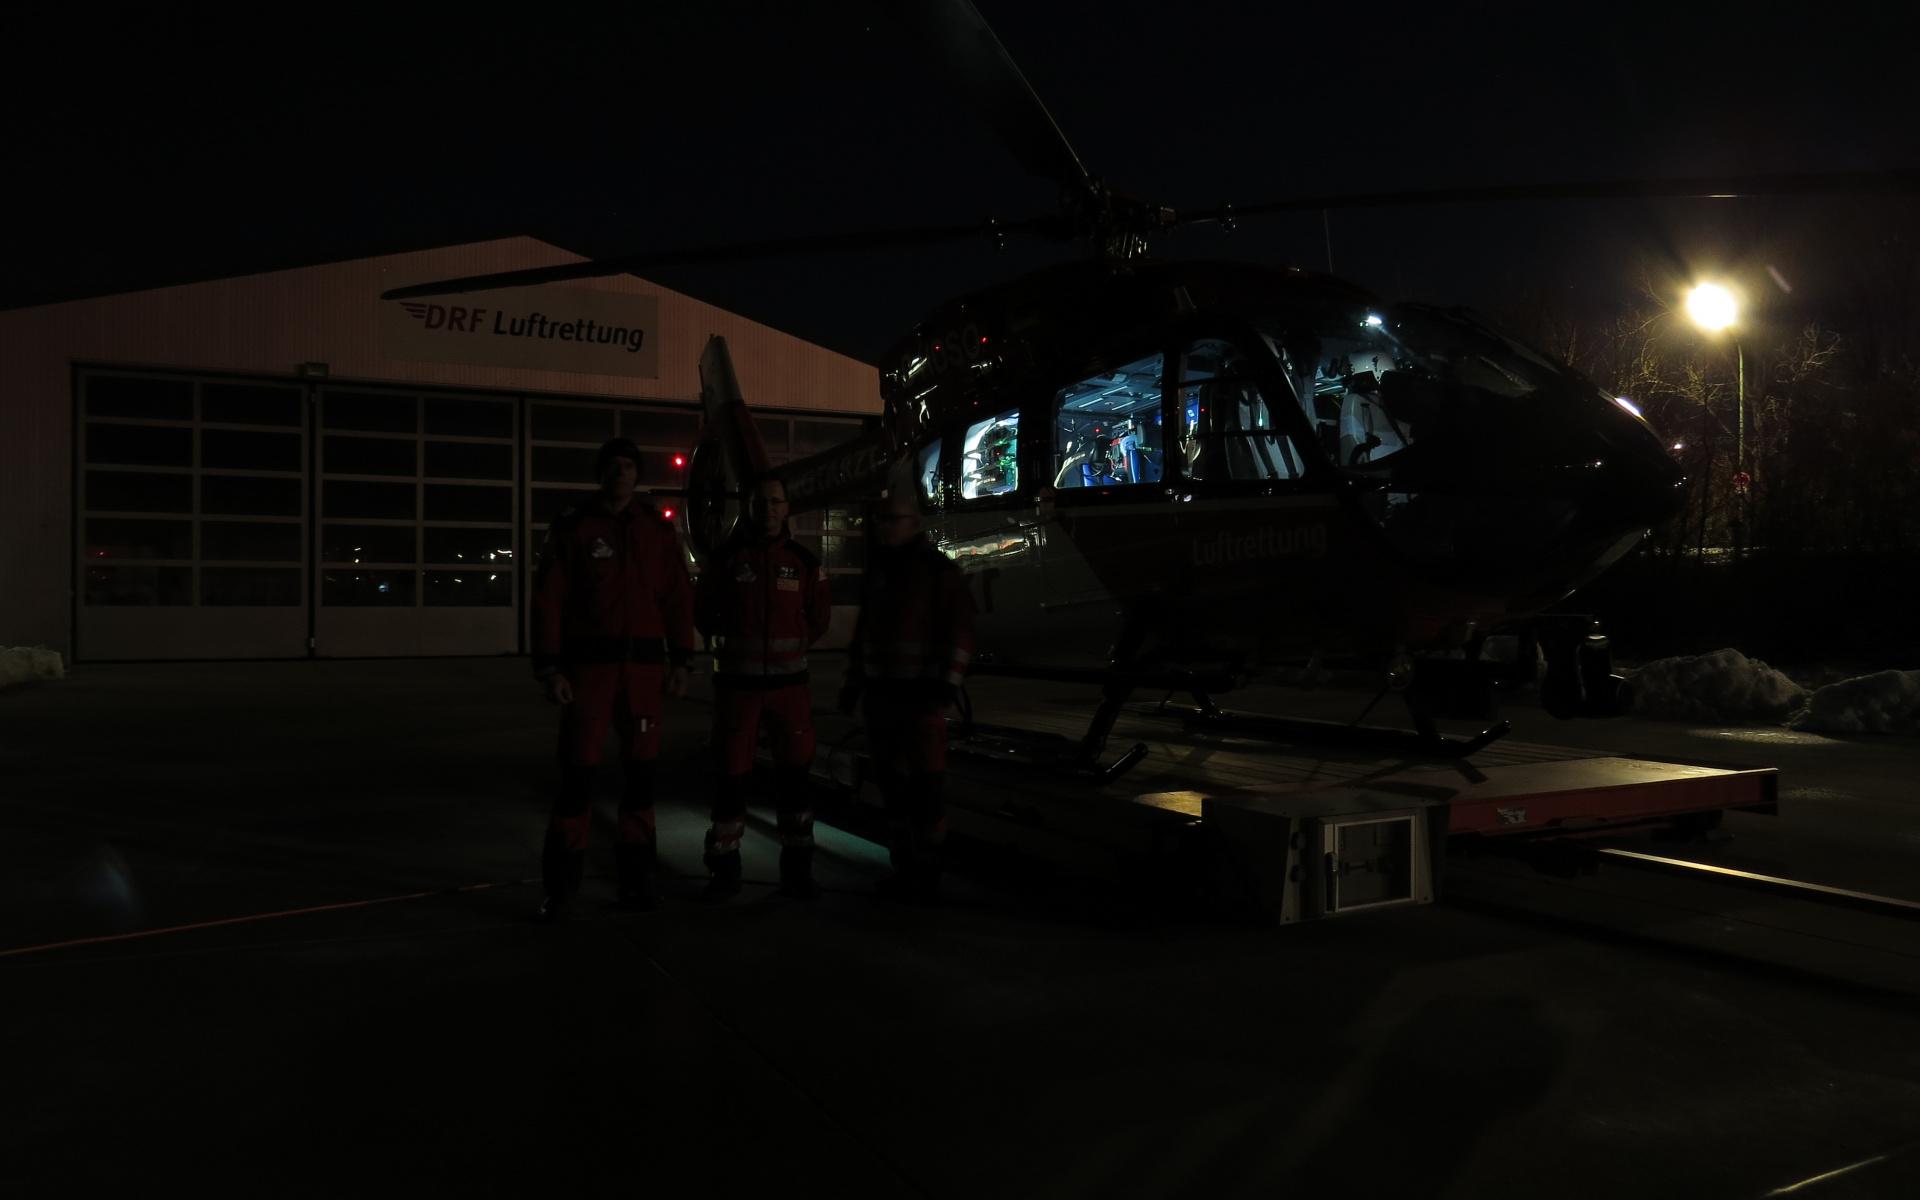 Blick auf einen Rettungshubschrauber bei Dunkelheit.